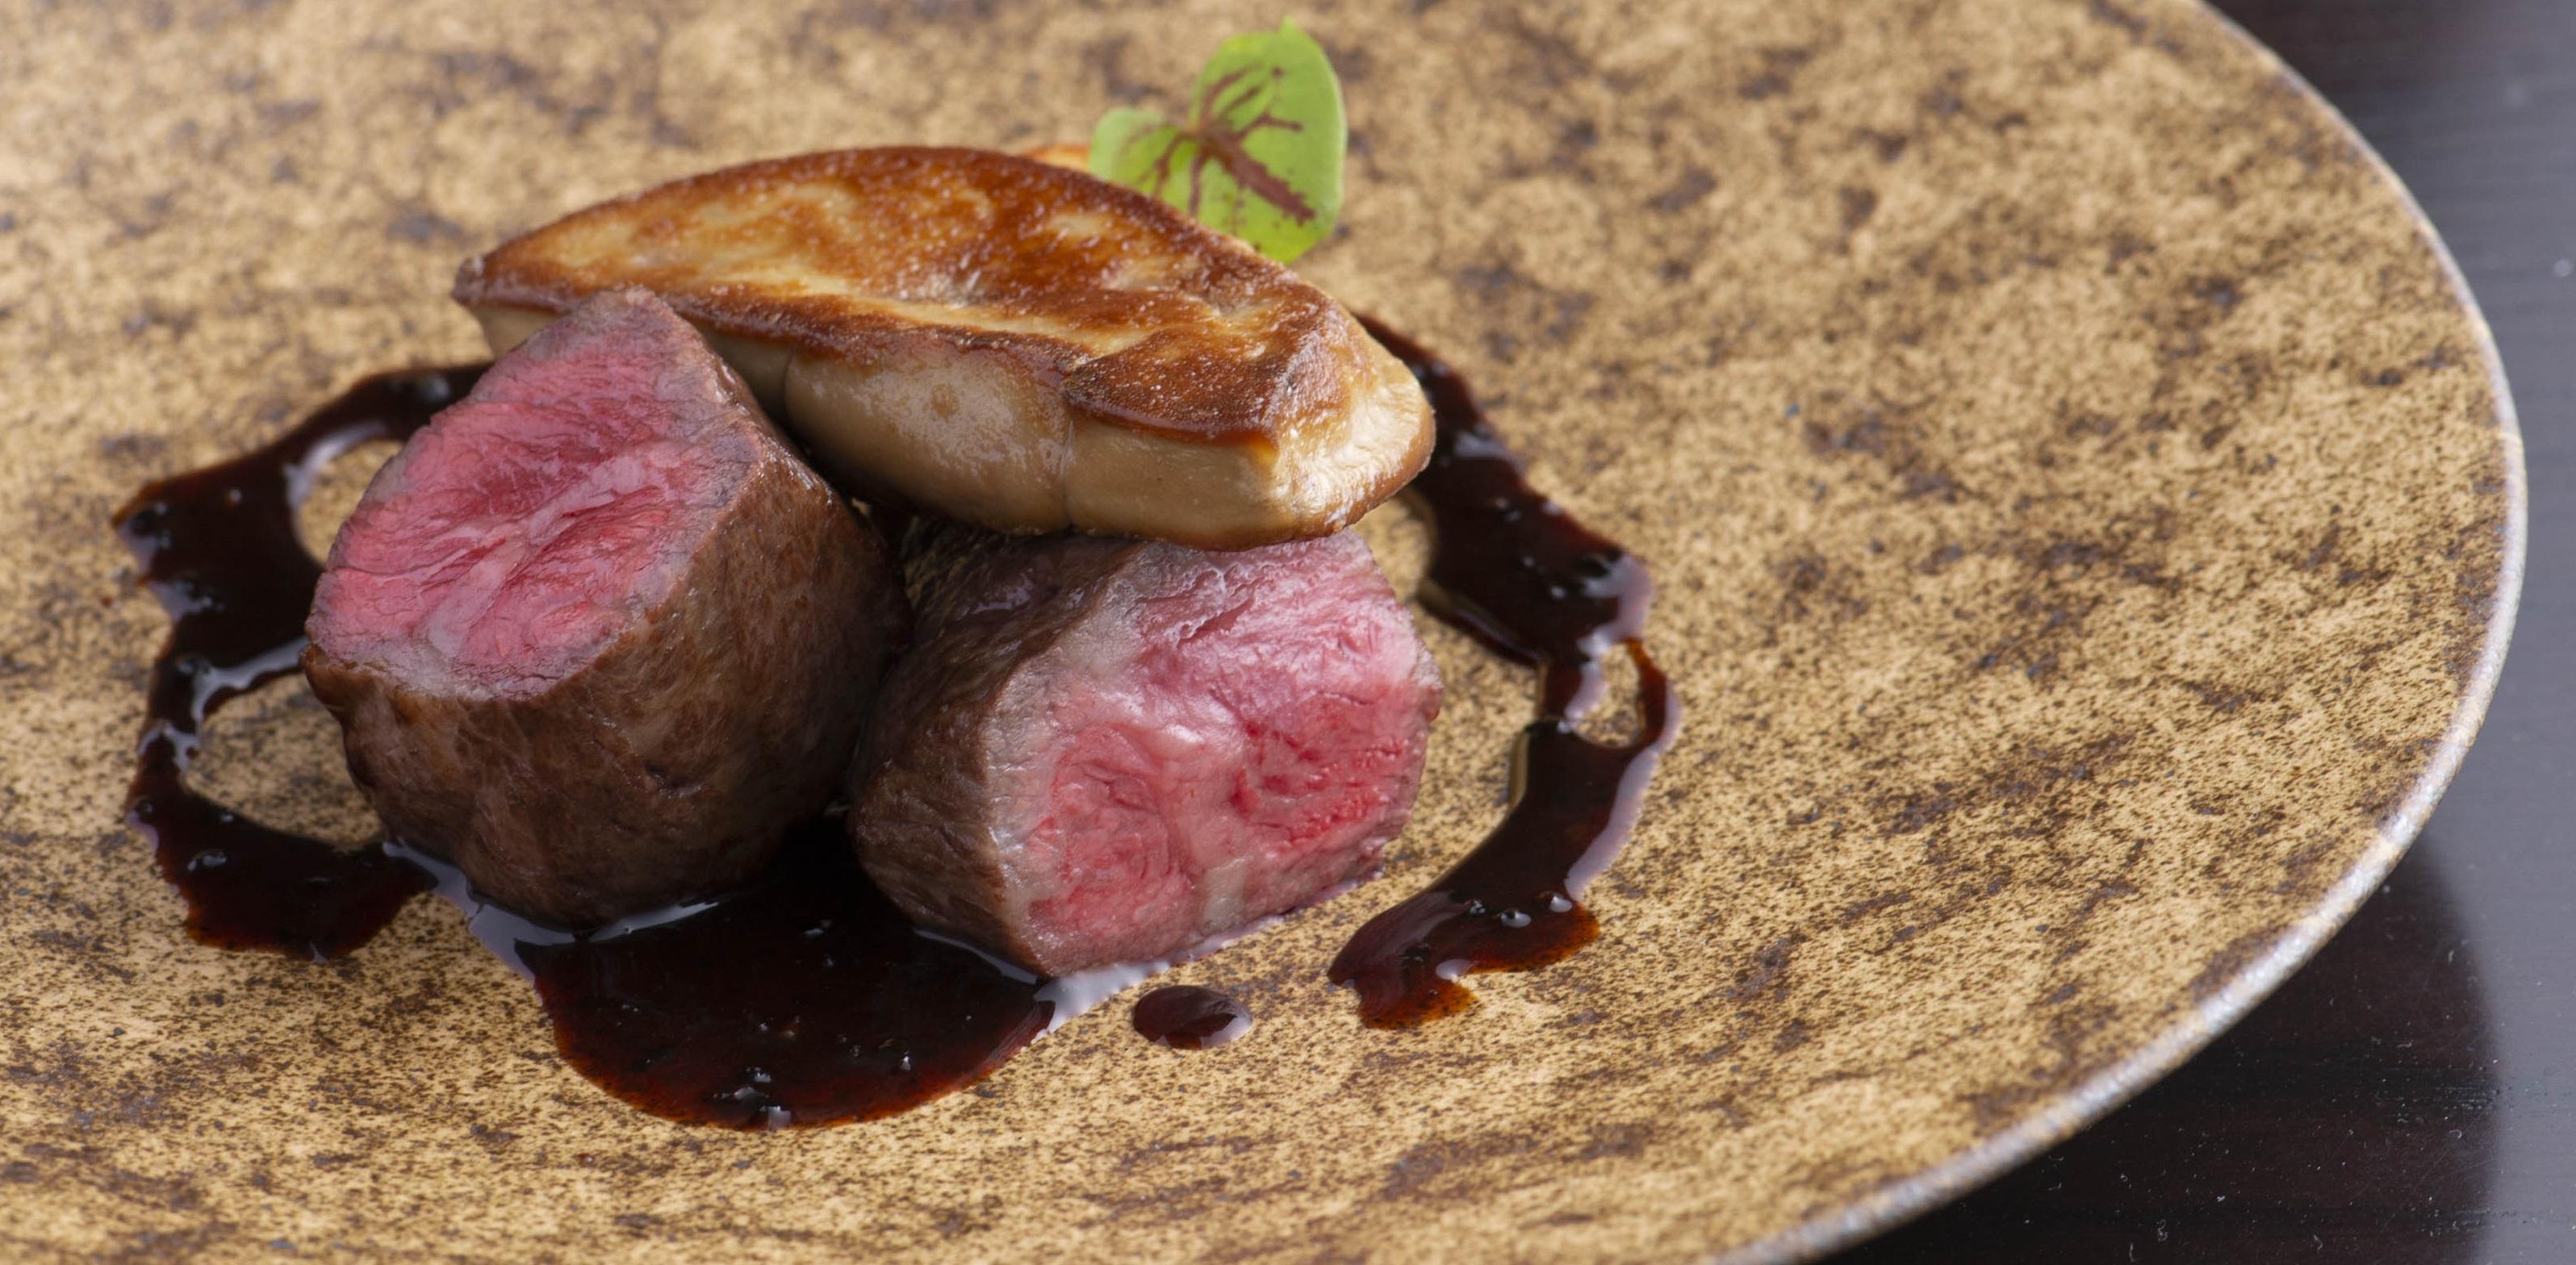 海苔で巻いた薩摩黒牛ランプ肉 十六殻米のリゾット加工